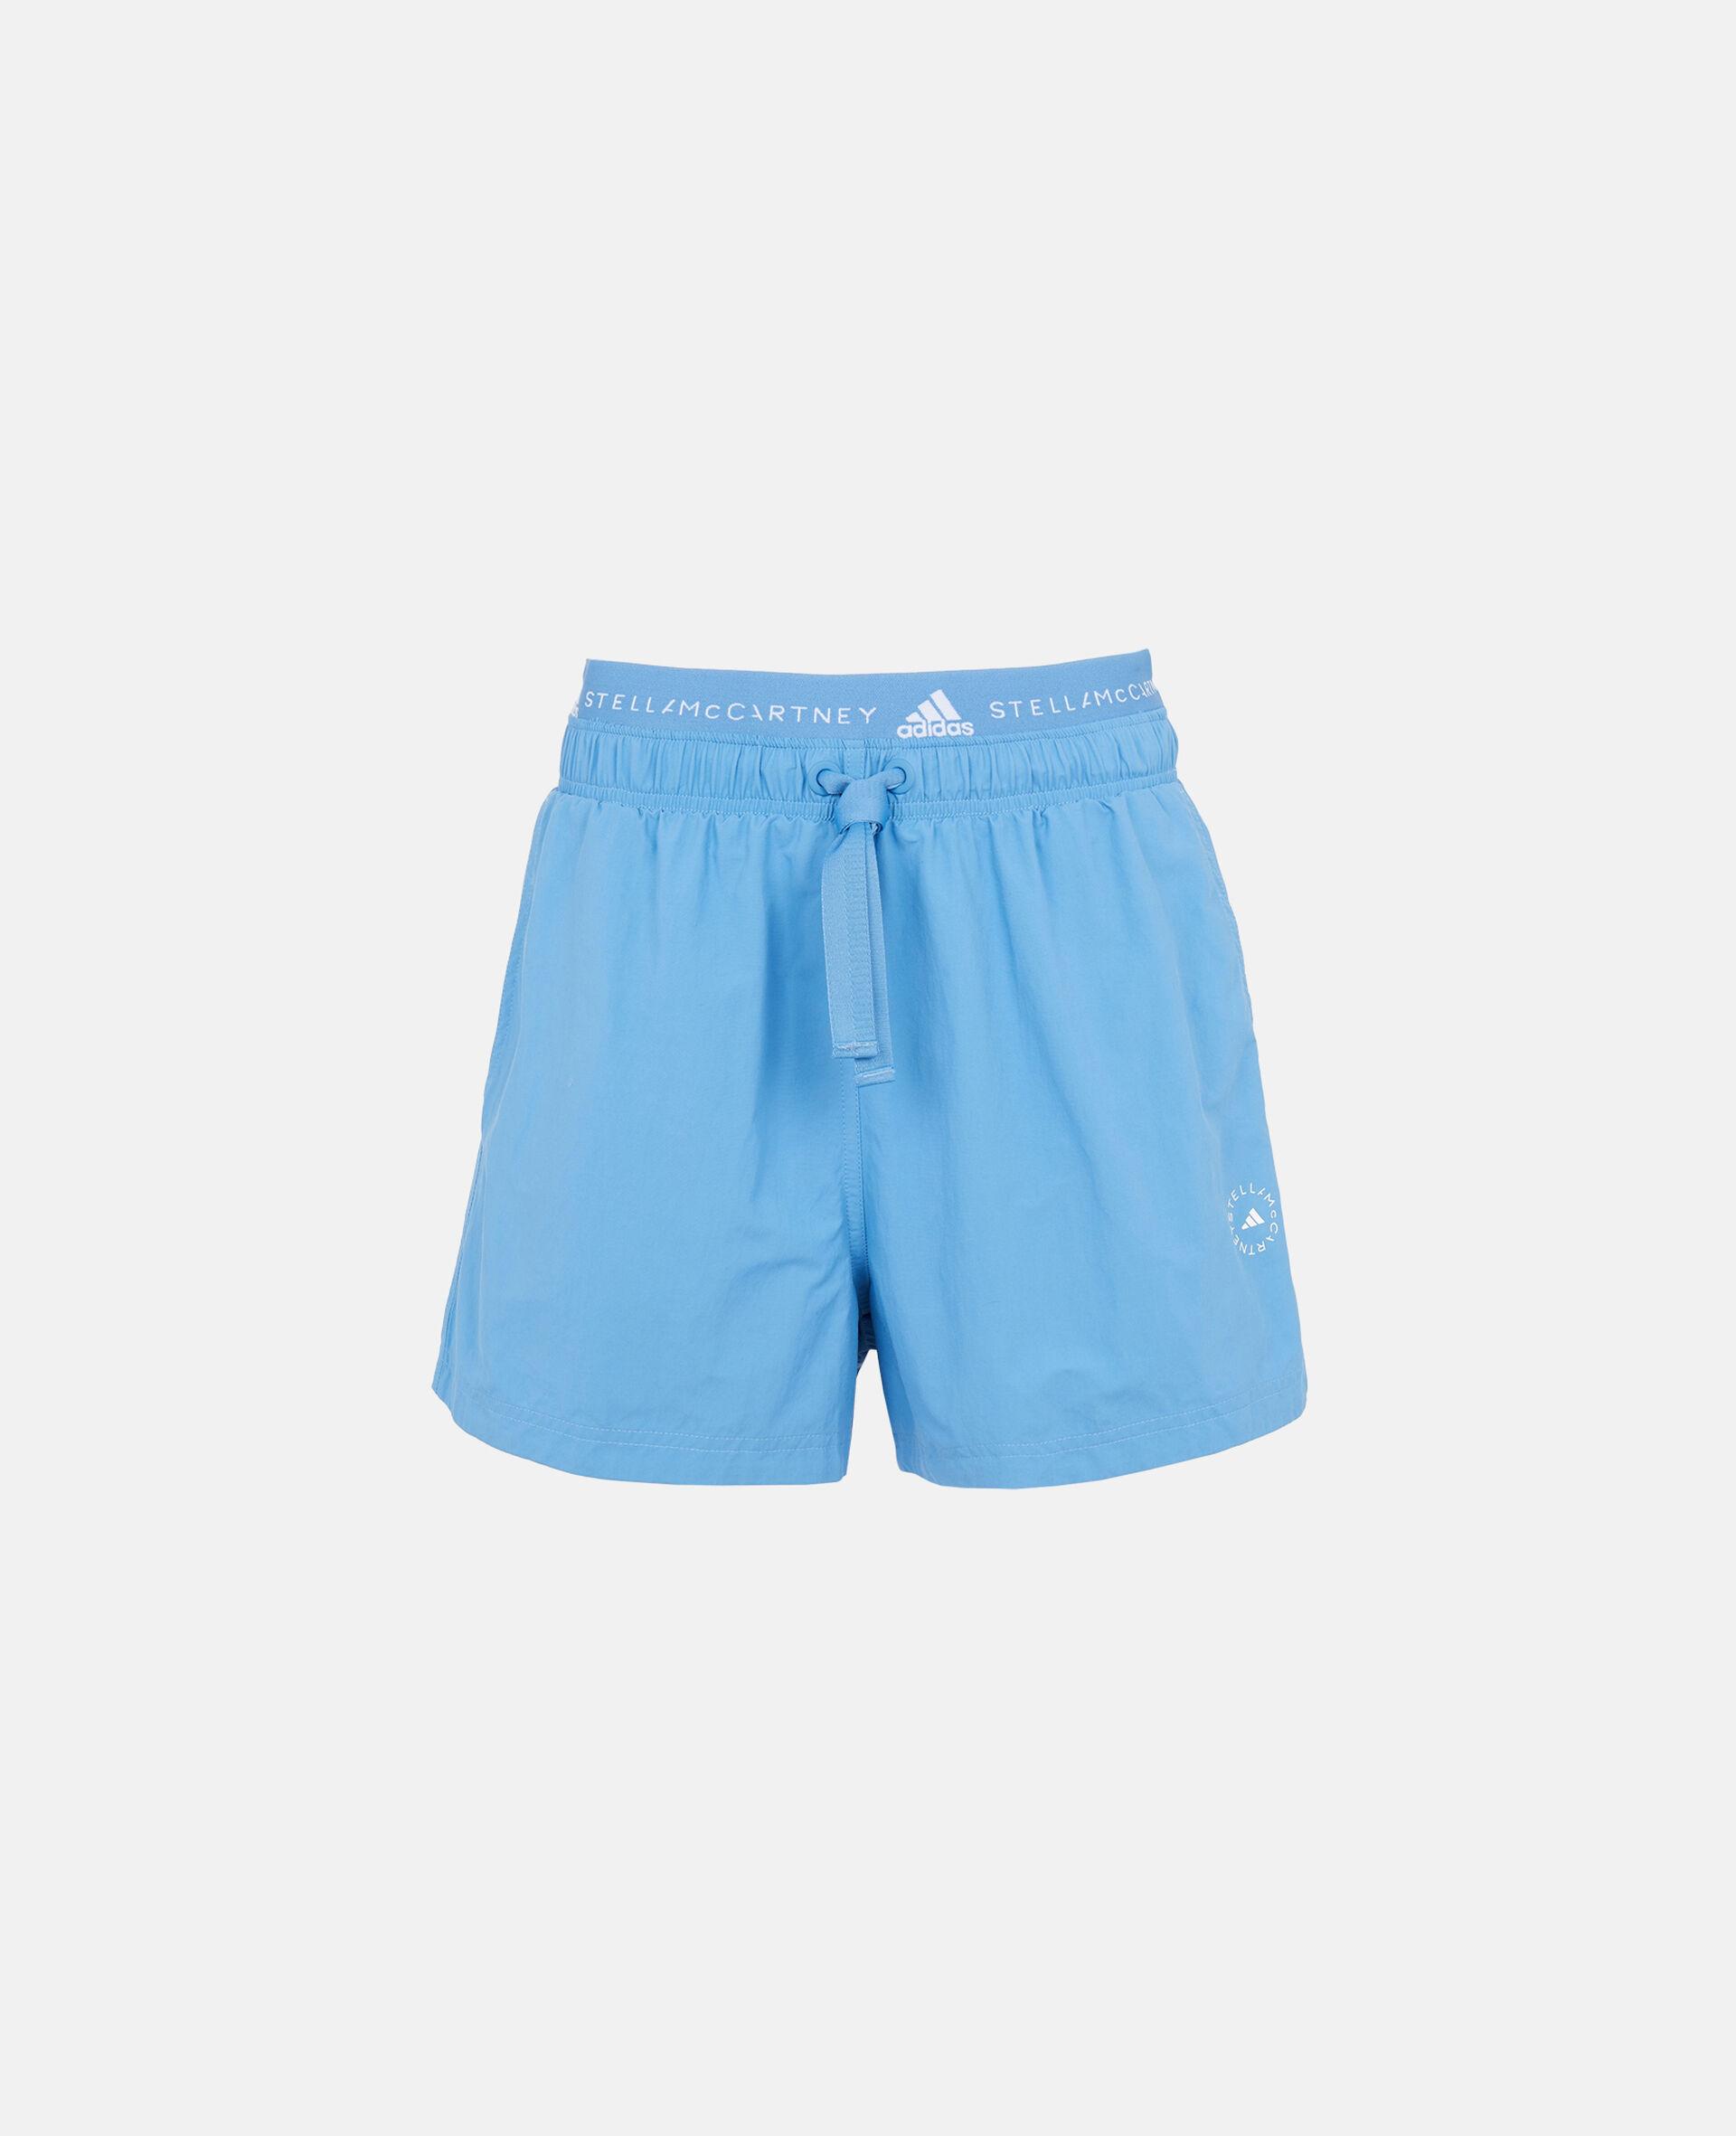 蓝色机织短裤 -蓝色-large image number 0